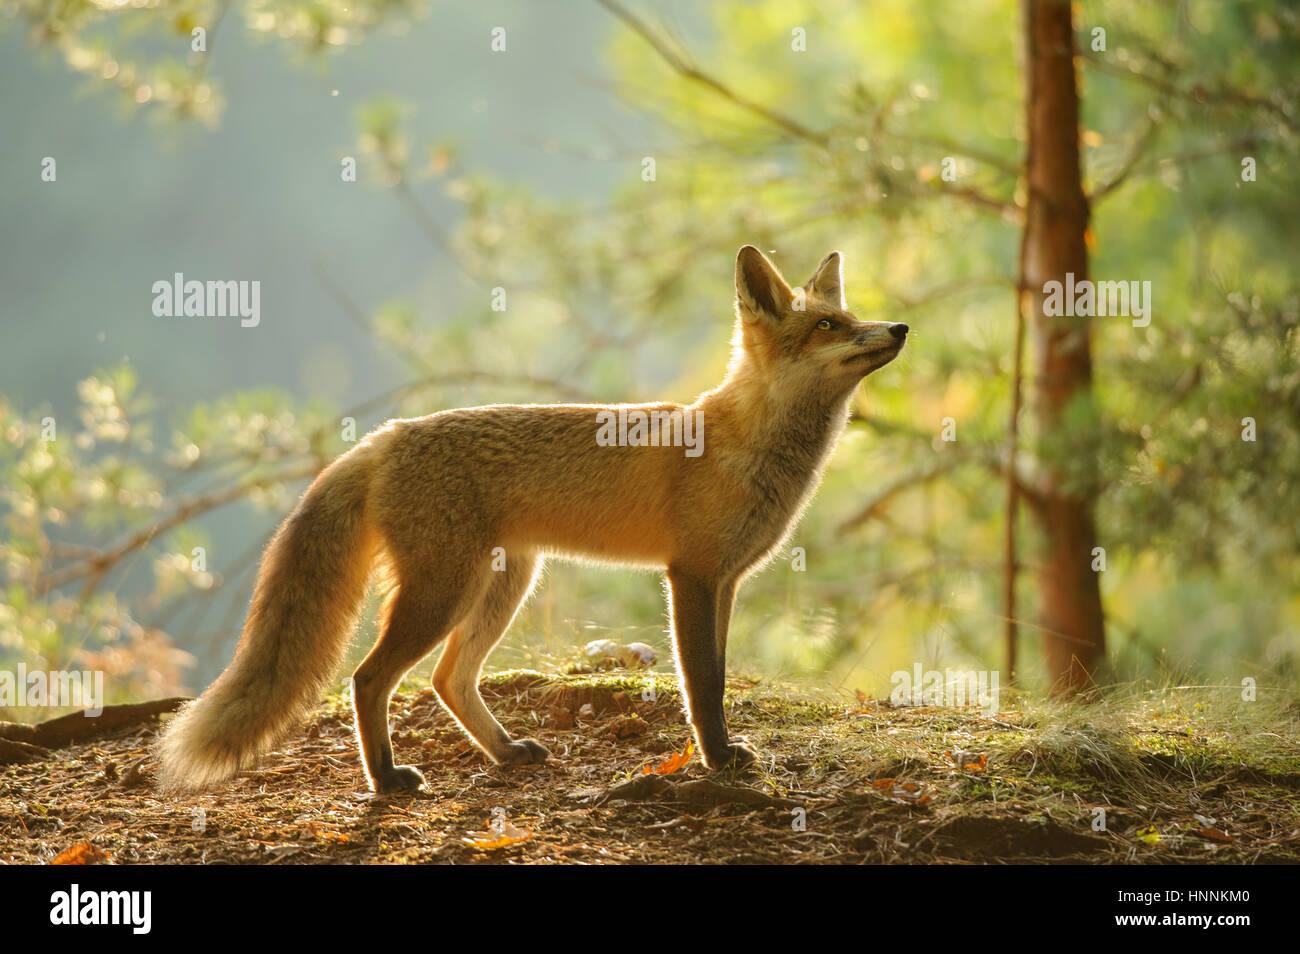 El zorro rojo de vista lateral en la belleza del bosque en otoño de retroiluminación con árbol en segundo plano. Foto de stock